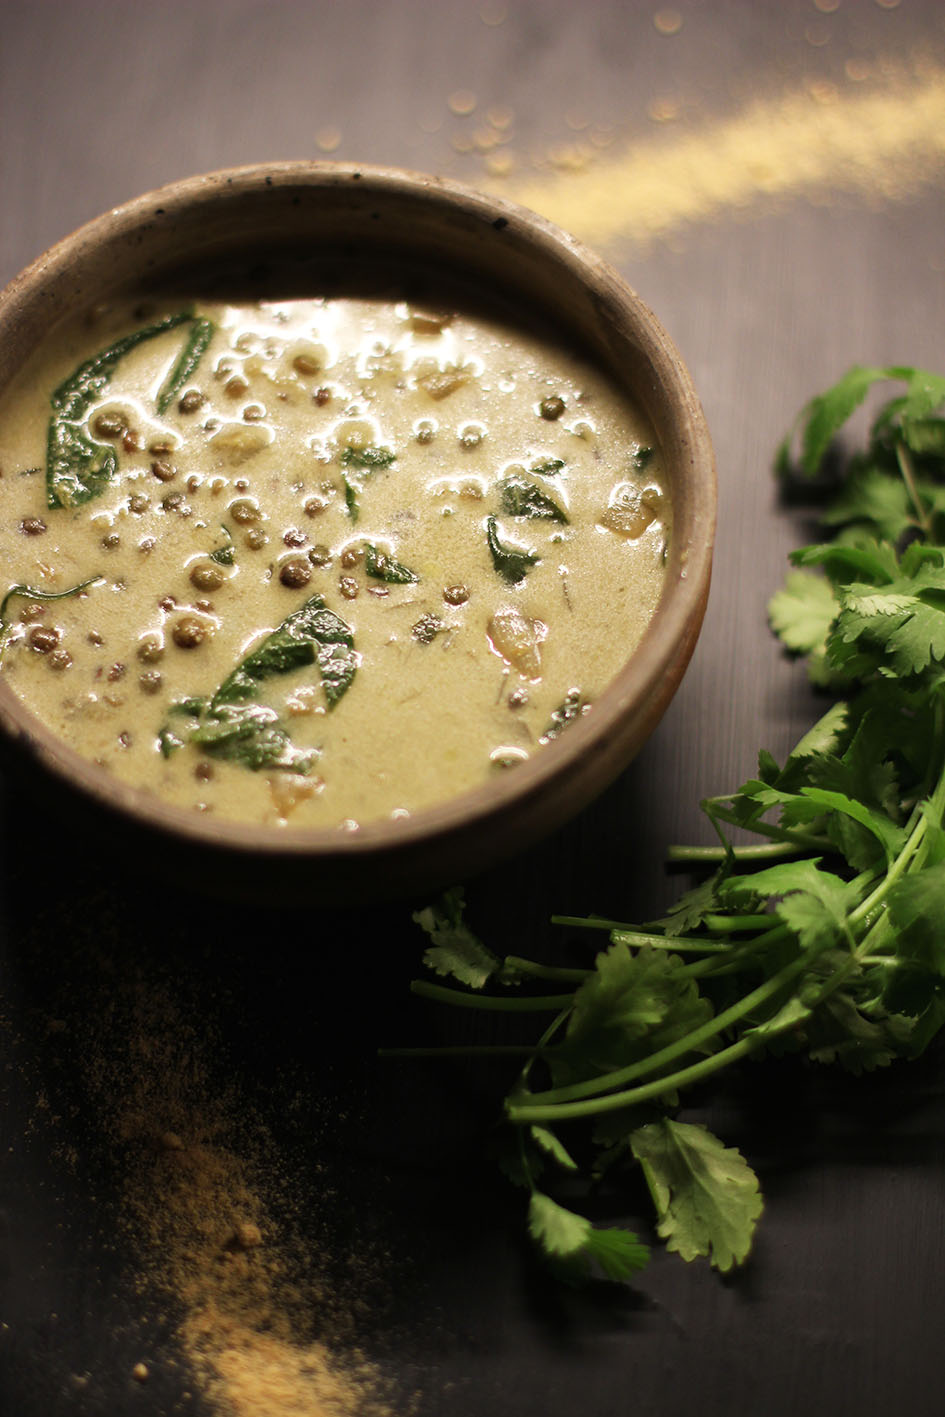 Soupe de lentilles lait de coco et epices | www.theflyingflour.com